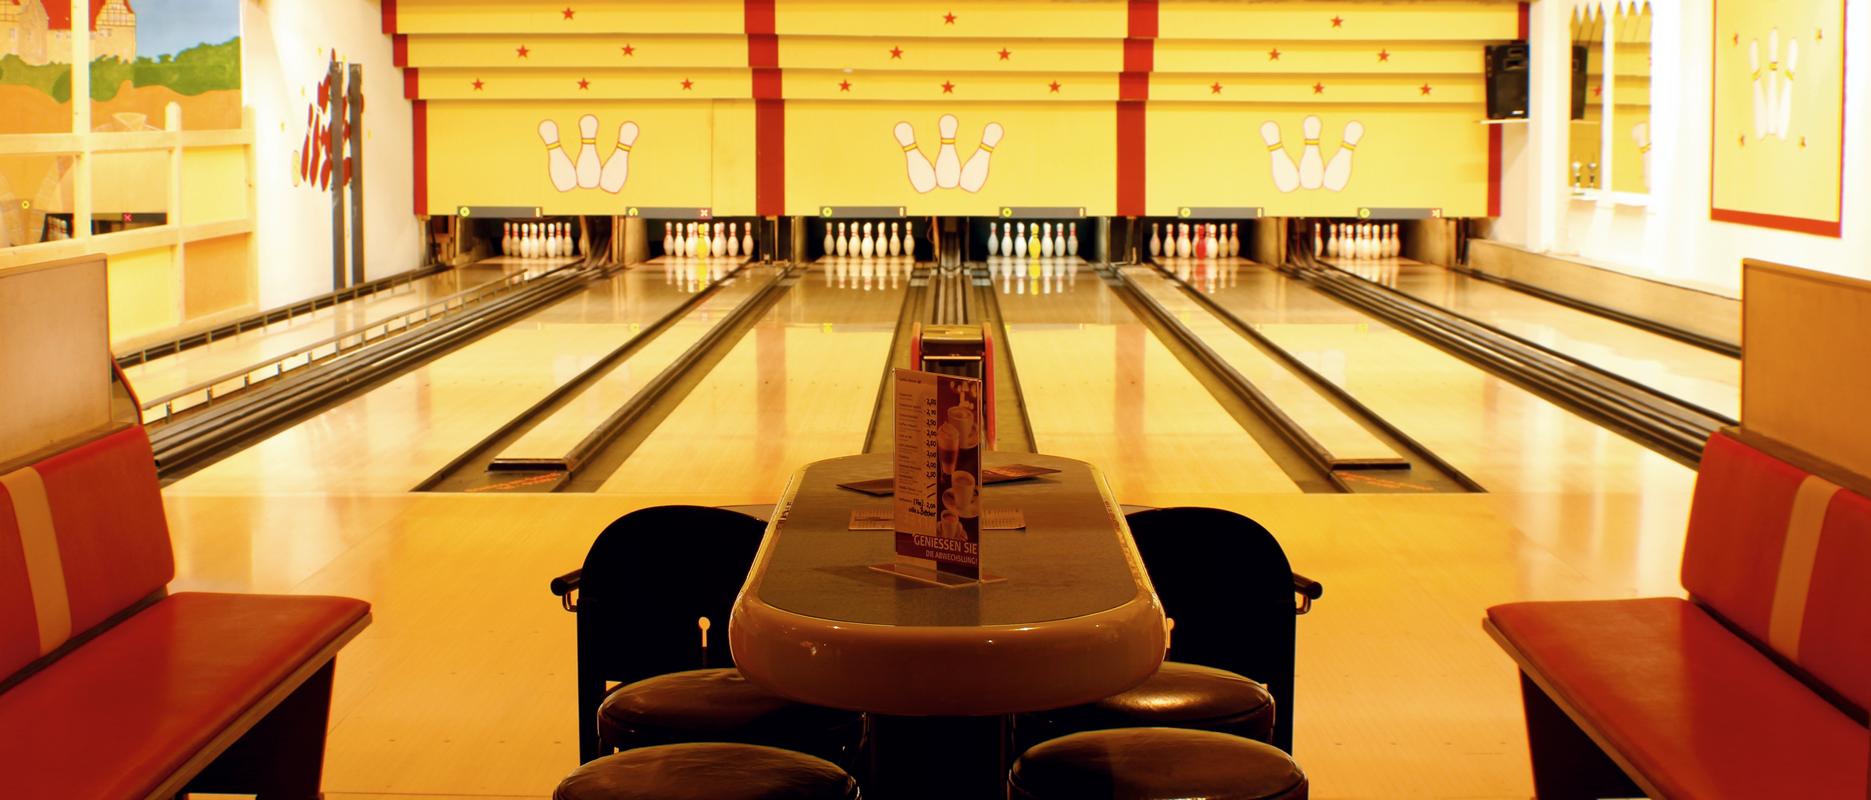 Bowling am Schloss BAHN